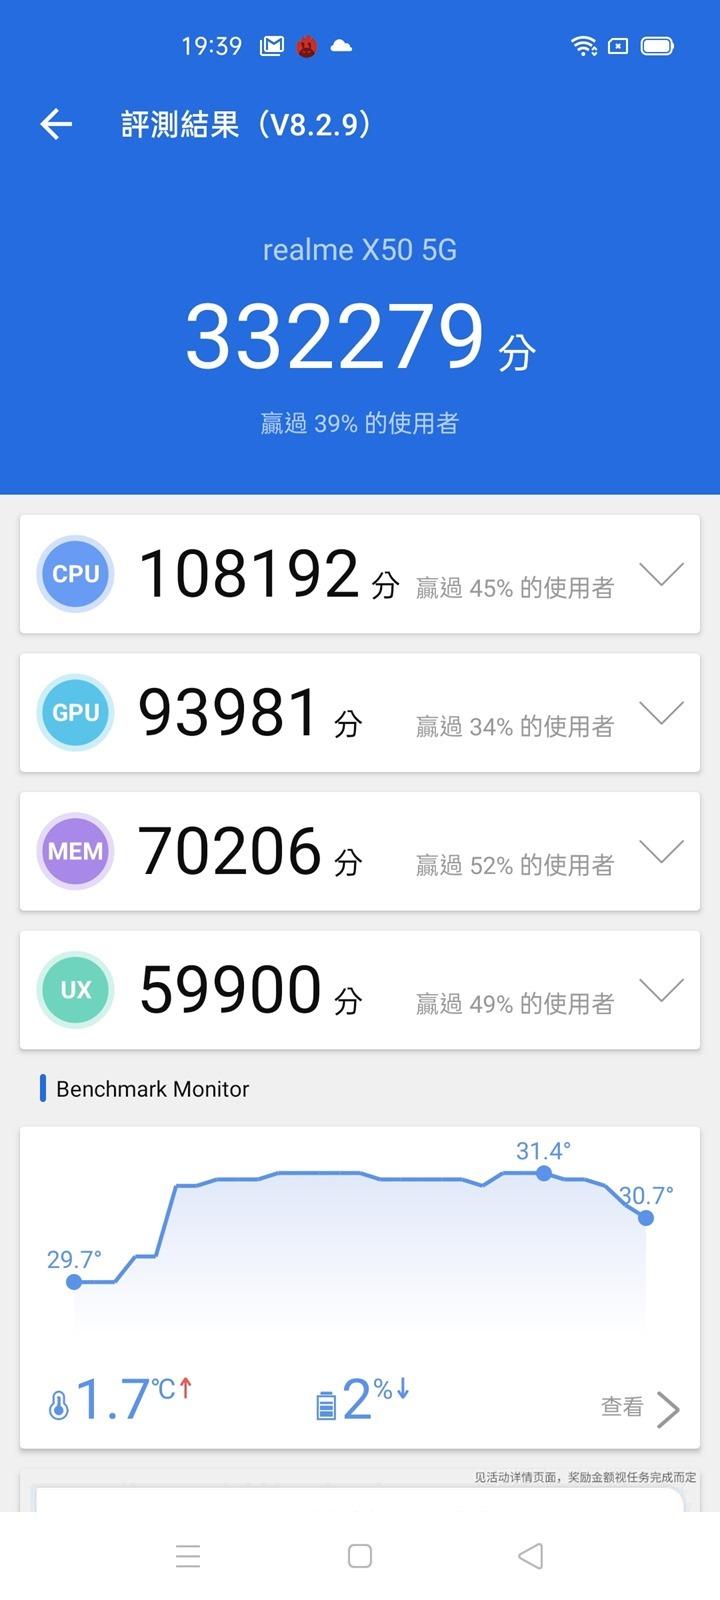 萬元輕鬆入手 5G 手機!Realme X50 性能測試 / 續航實測 / 快充充電測試 @3C 達人廖阿輝